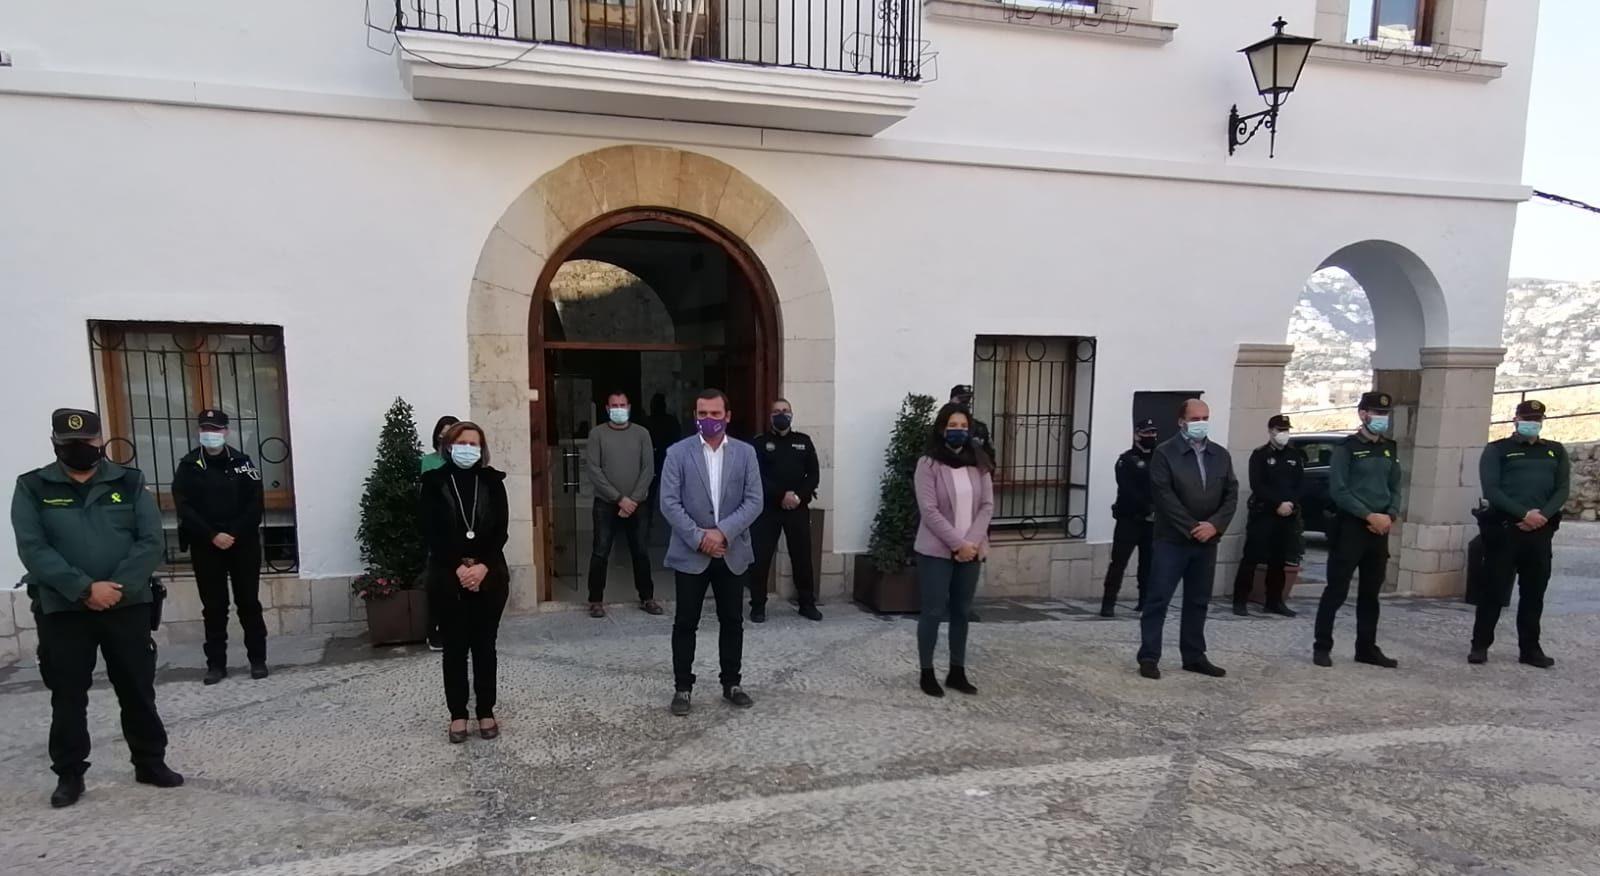 L'Ajuntament de Peníscola s'ha sumat al minut de silenci per les víctimes de la violència de gènere